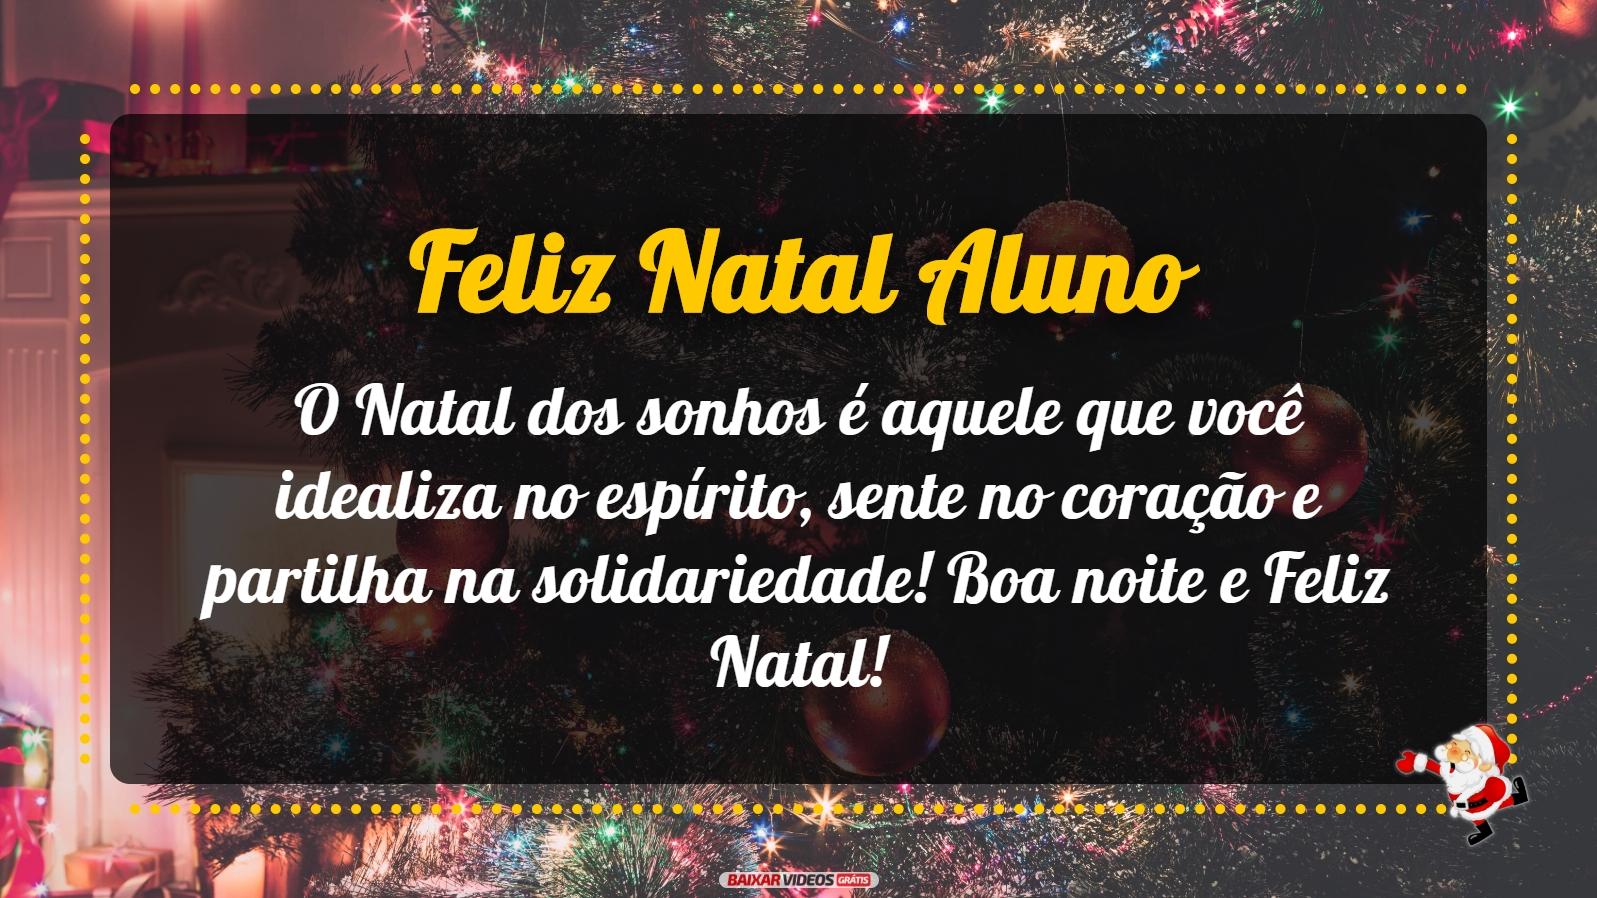 O Natal dos sonhos é aquele que você idealiza no espírito,sente no coração e partilha na solidariedade! Boa noite e Feliz Natal!